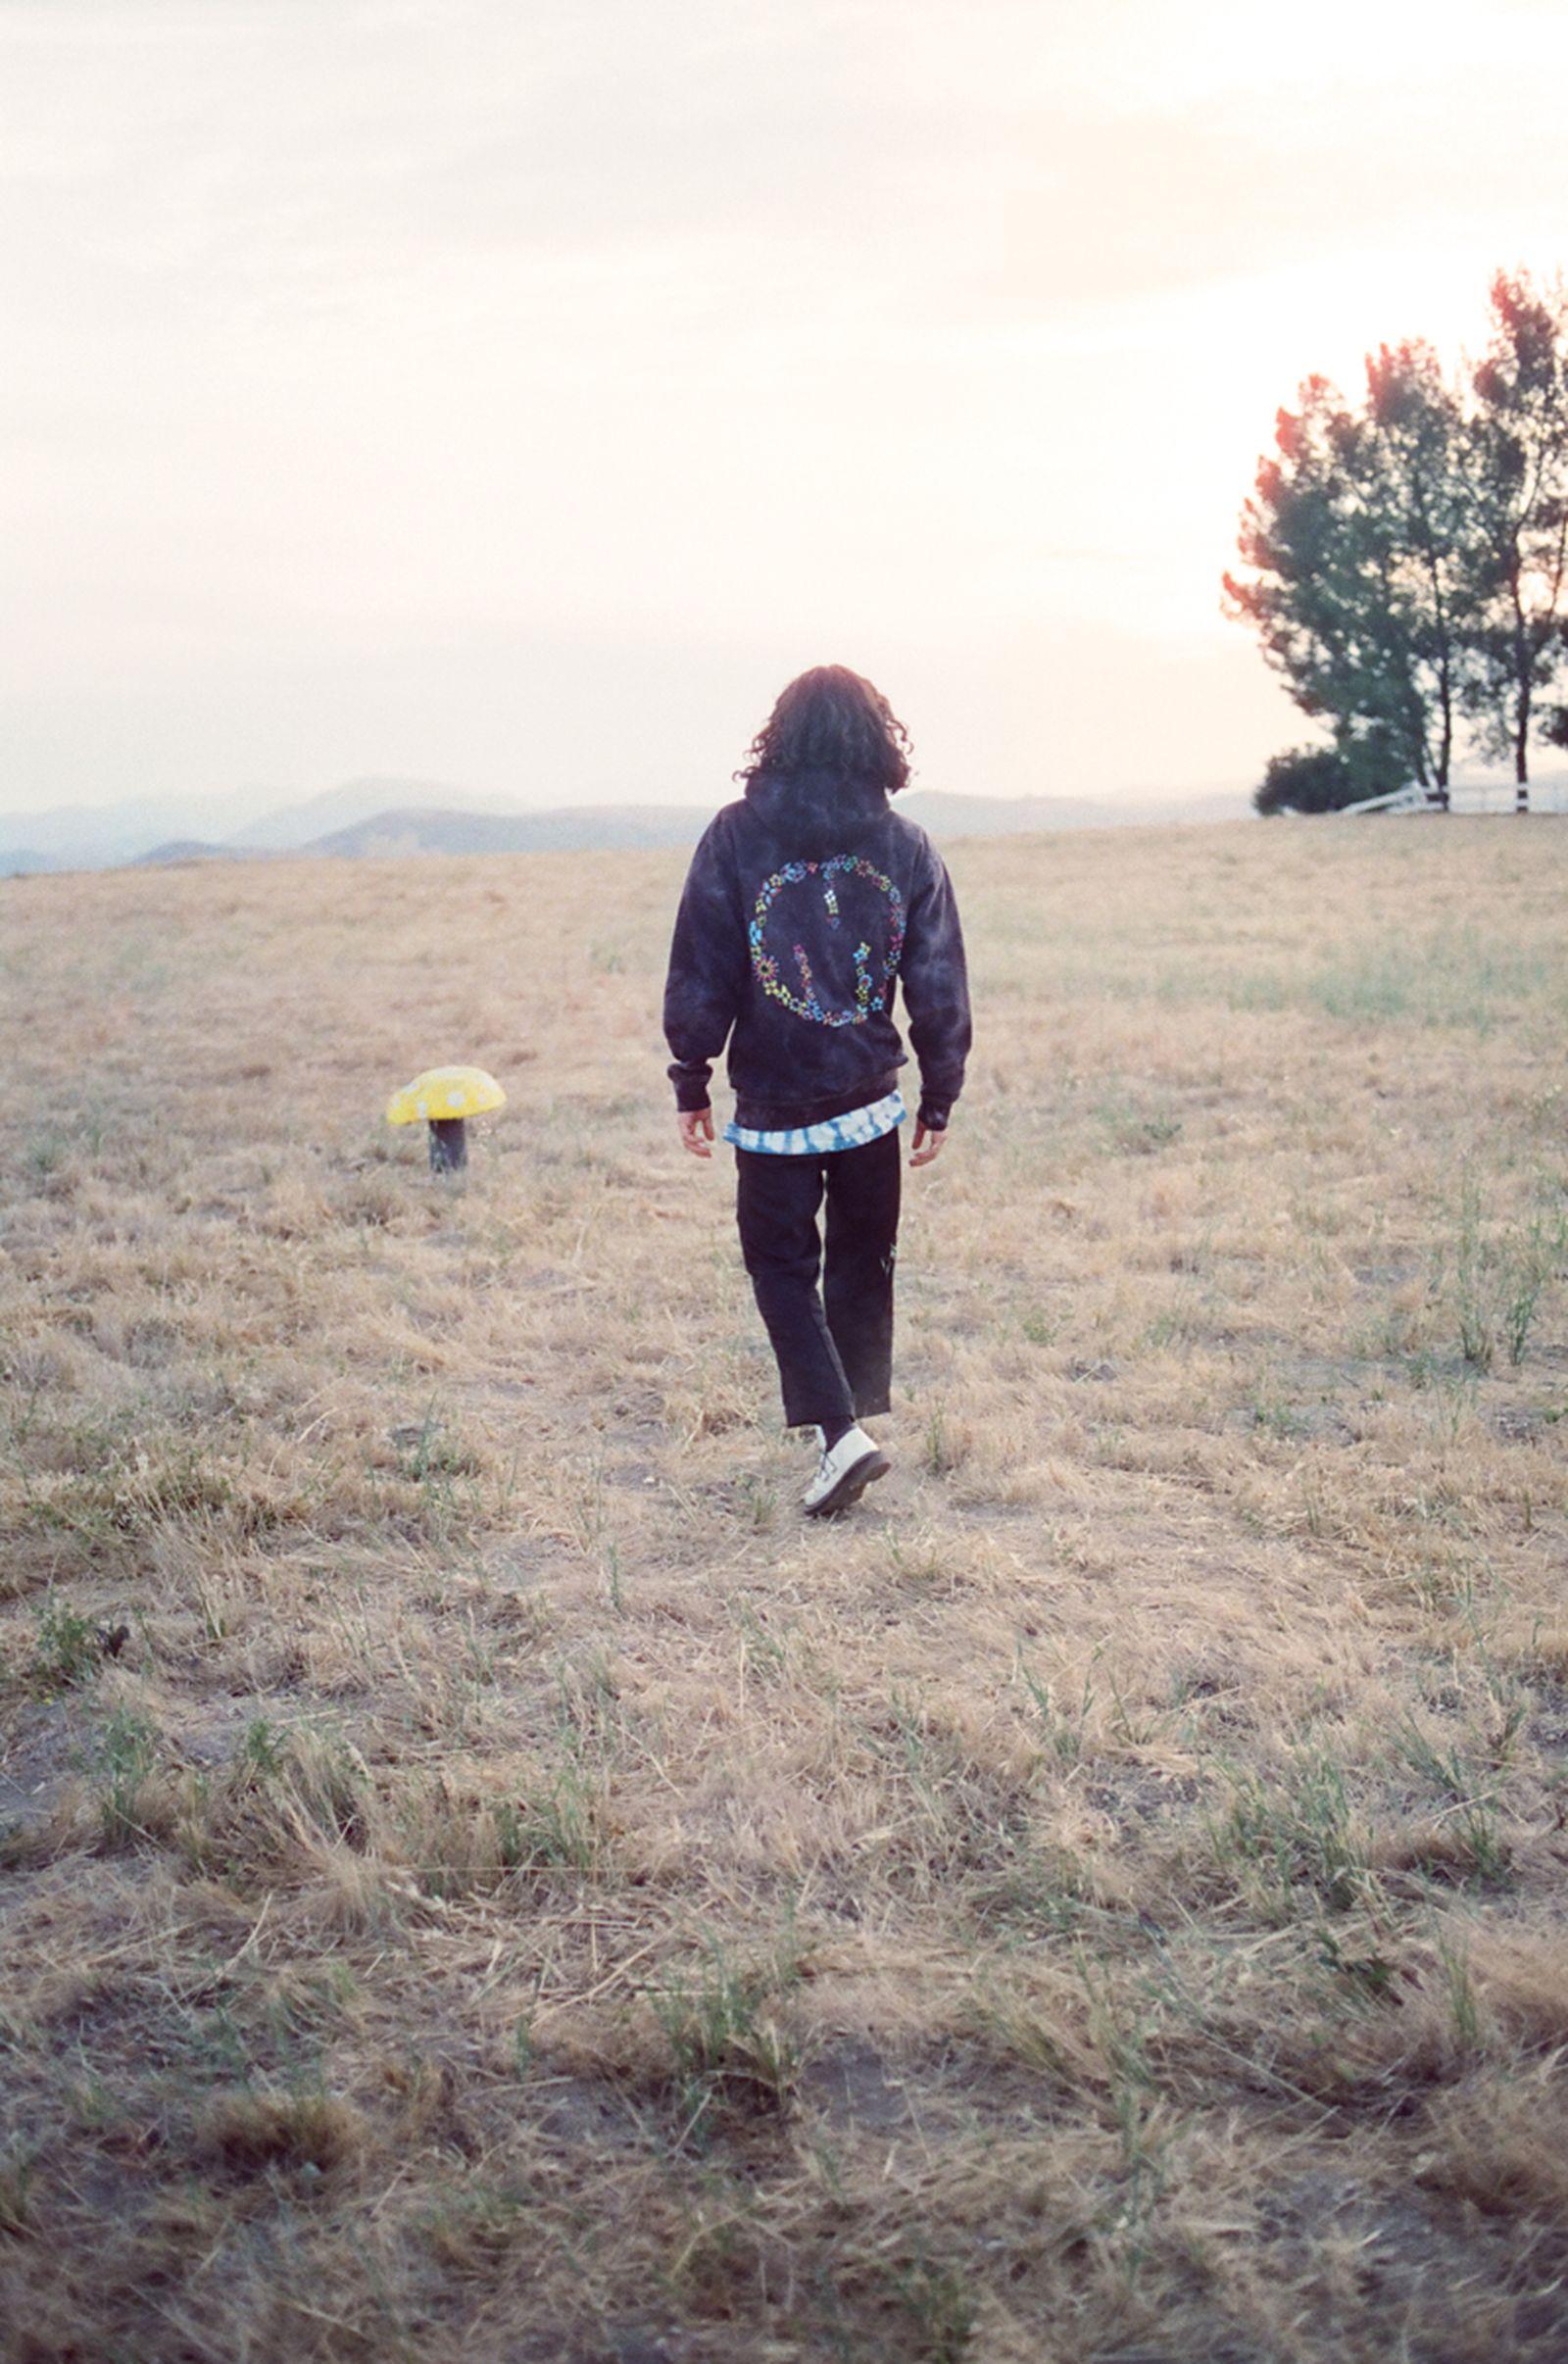 jaden-smith-msftsrep-trippy-summer-lookbook-09